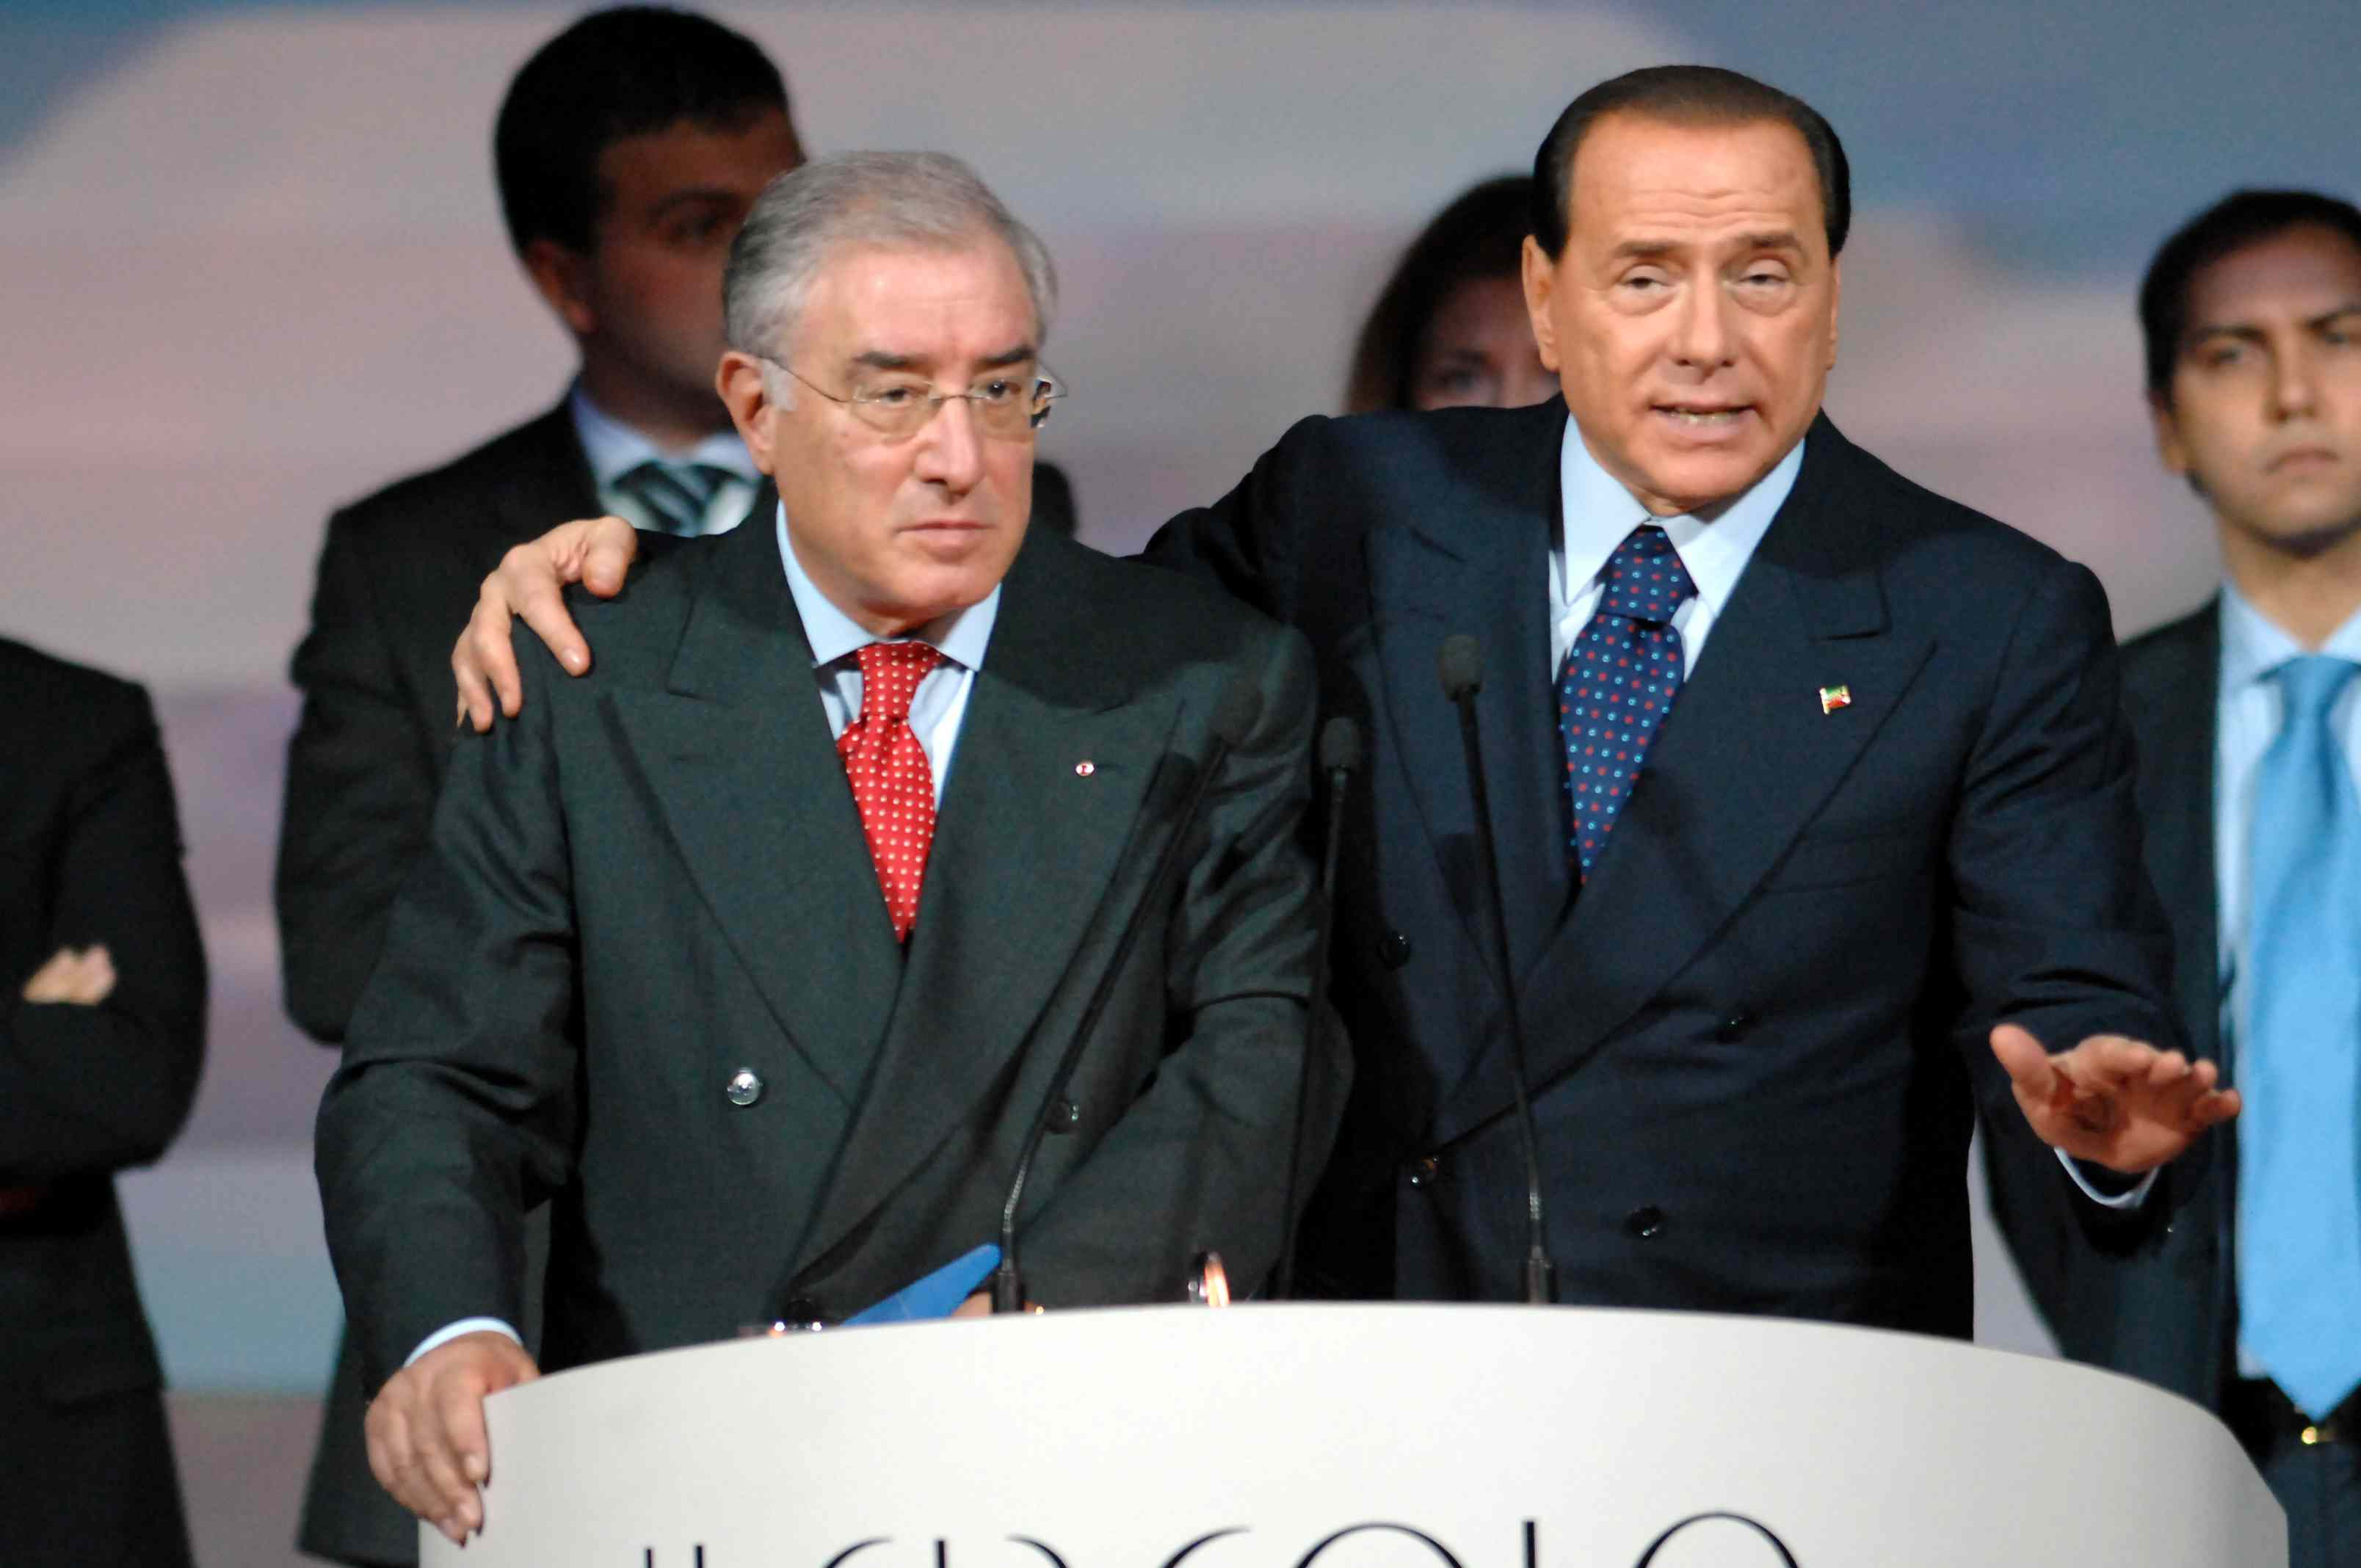 Mafia, Berlusconi e Dell'Utri nuovamente indagati per le stragi del '93